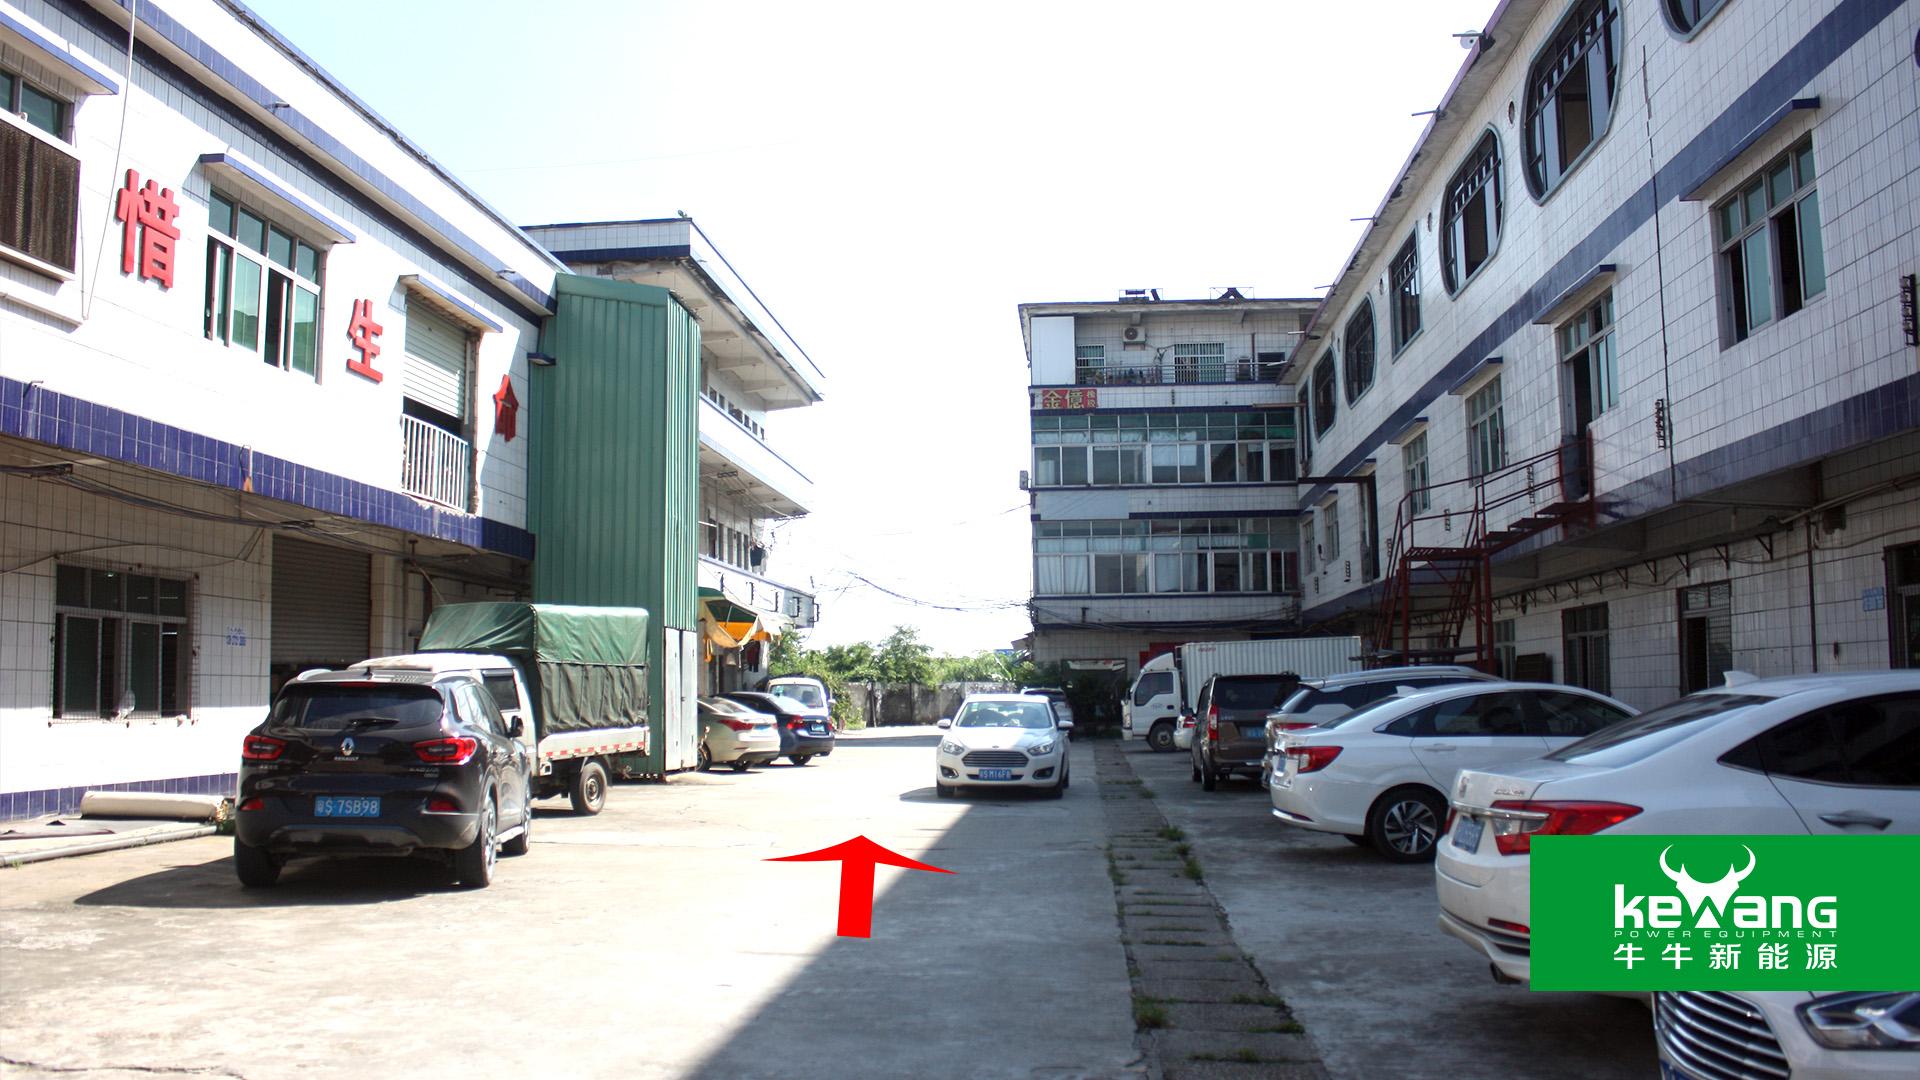 http://www.kewangxny.com/data/images/case/20191207145946_895.jpg